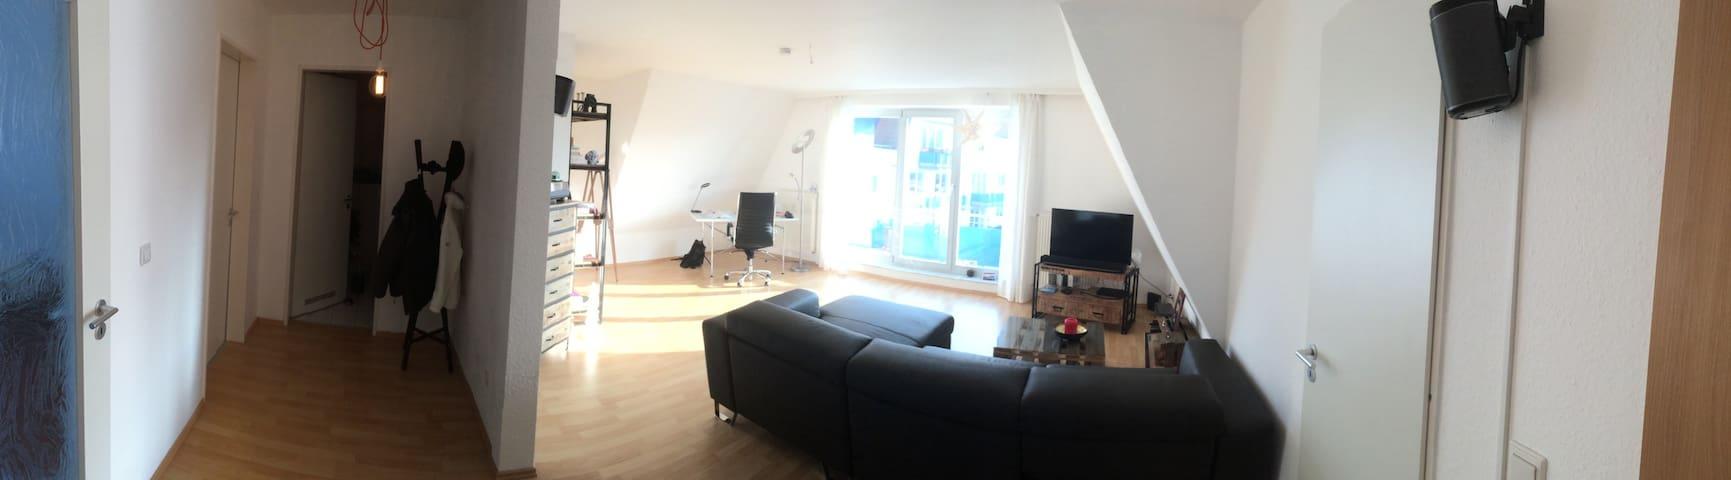 biete moderne 2-Raumwohnung für schöne Tage in HGW - Greifswald - Appartement